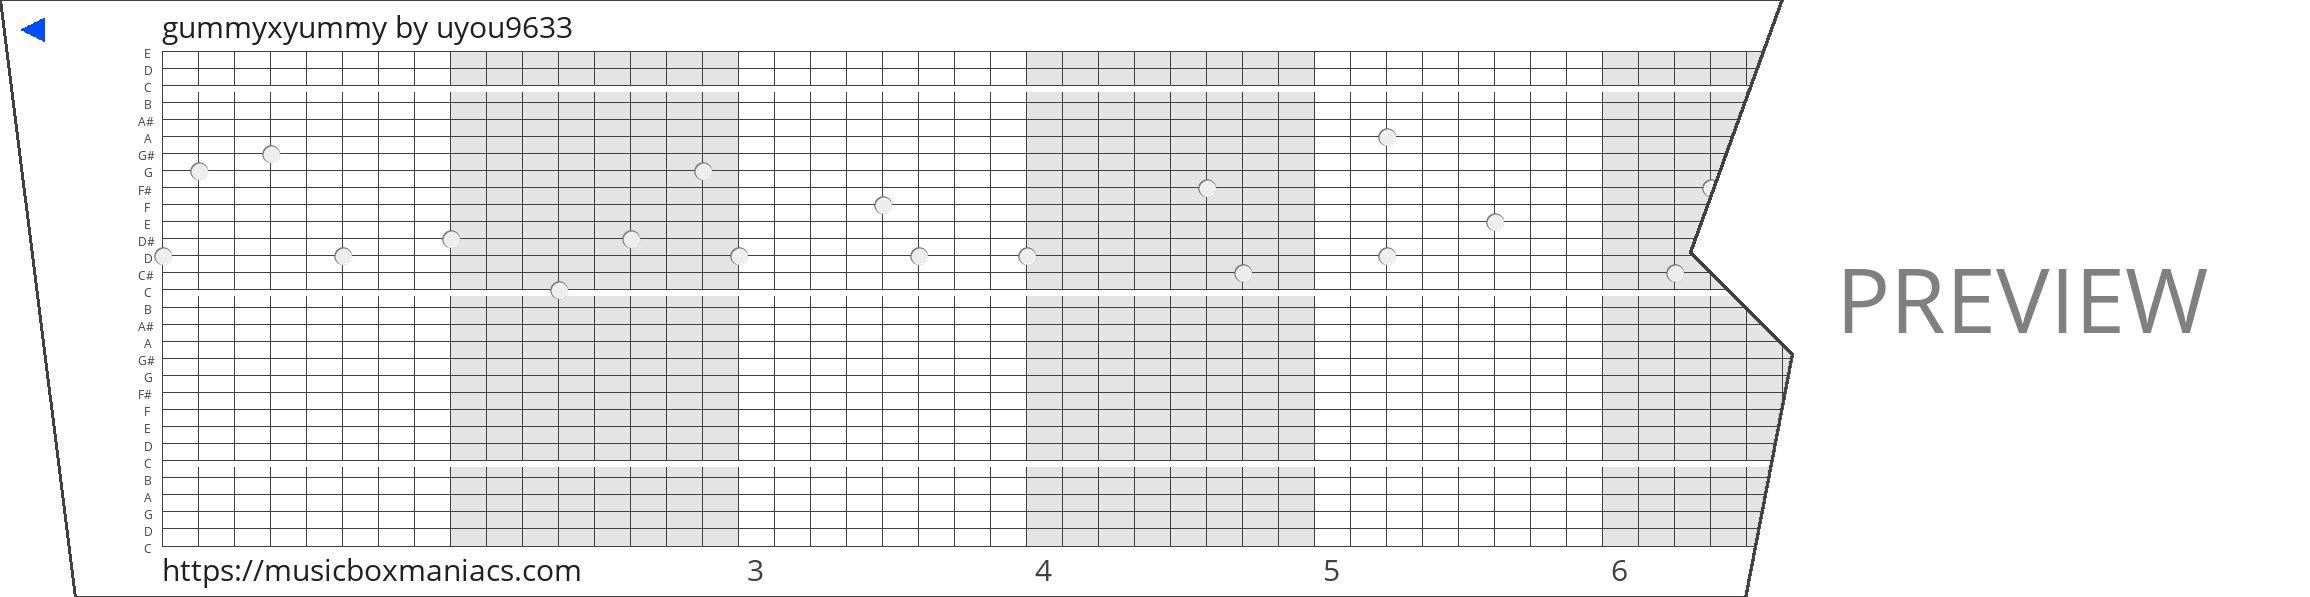 gummyxyummy 30 note music box paper strip